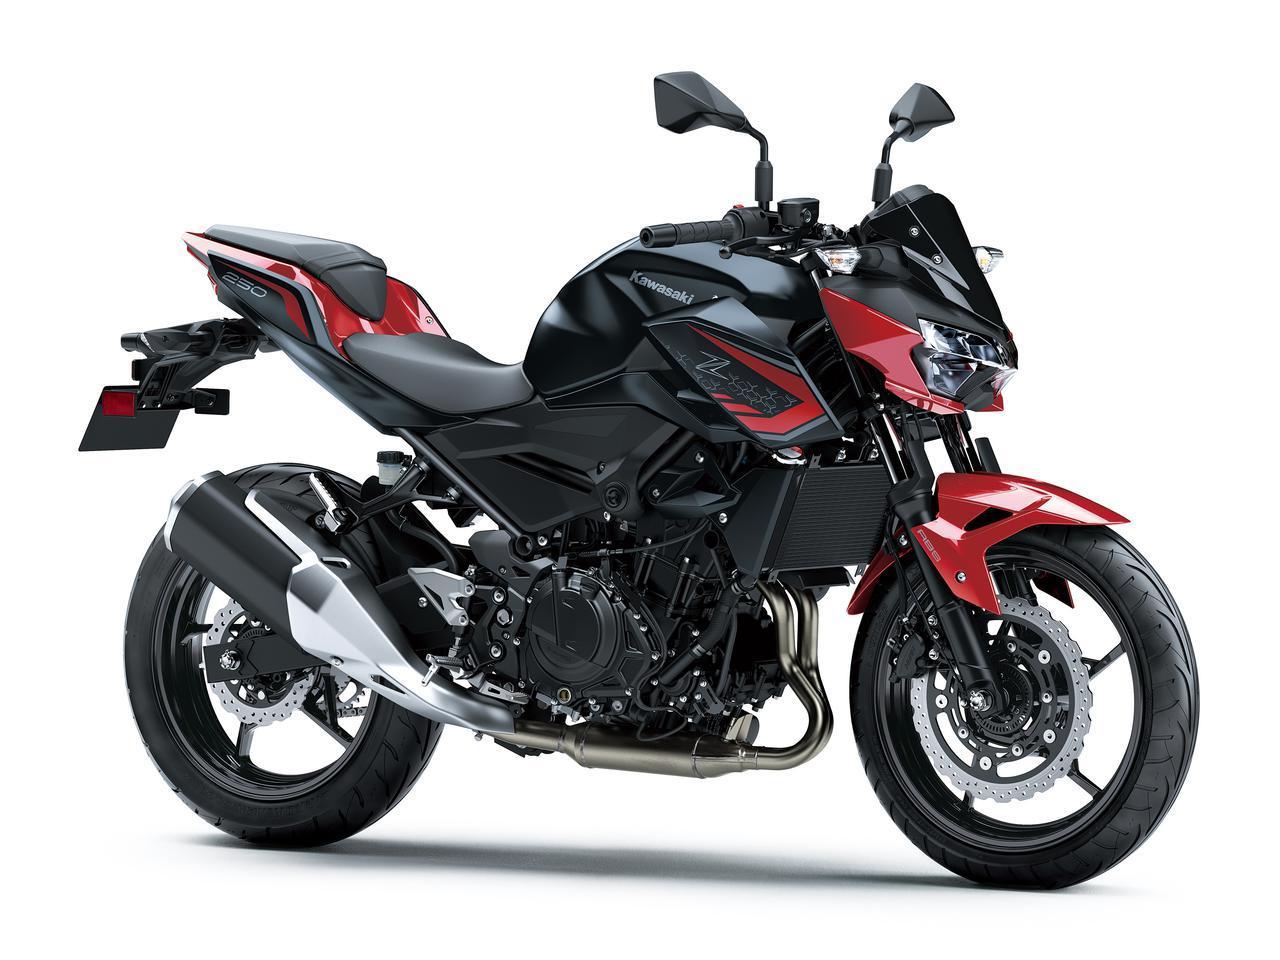 画像4: カワサキが「Z250」の2021年モデルを発売! 2020年モデルと比較してみよう【2021速報】